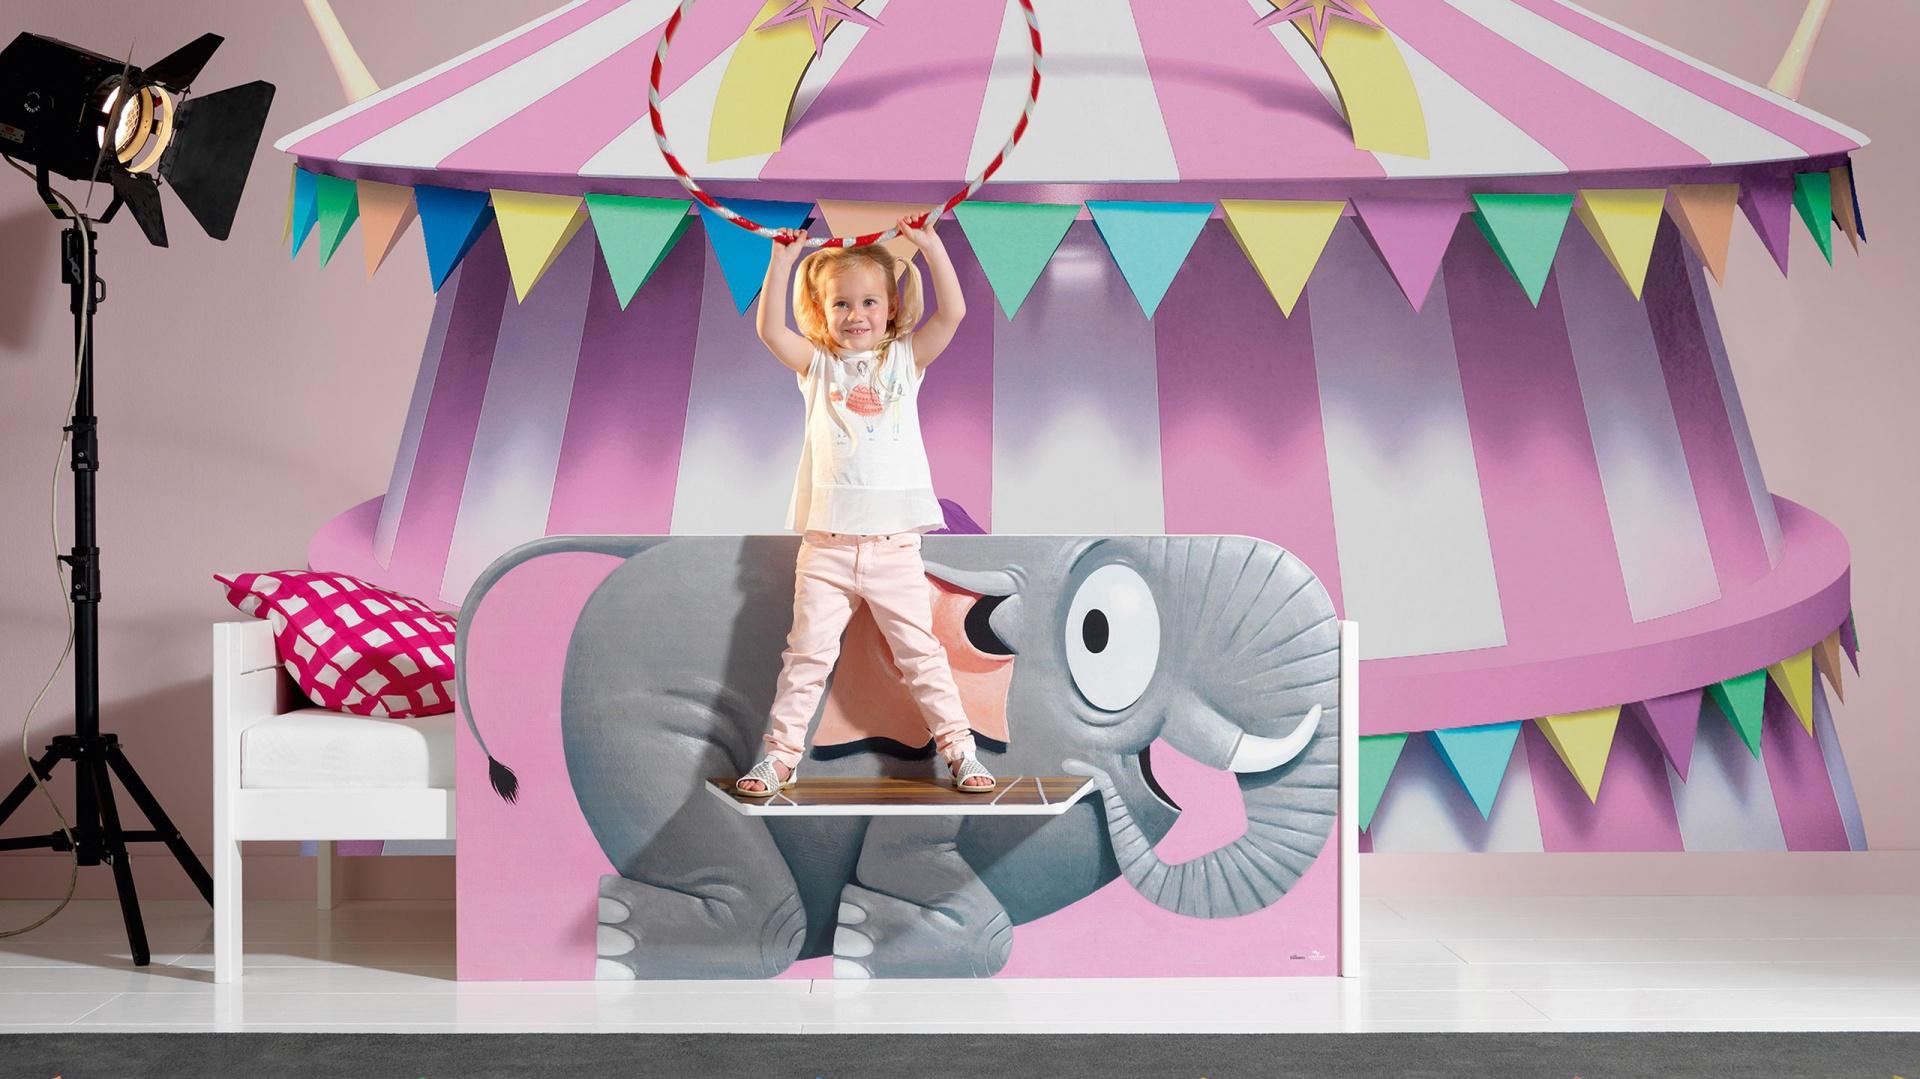 Pokój dziecka może być prawdziwą areną cyrkową. Atmosferę widowiska wprowadzi do wnętrza fototapeta z motywem namiotu cyrkowego oraz oryginalne łóżko. Klimat zbuduje też oświetlenie w postaci lampy-reflektora. Fot. Cuckooland.